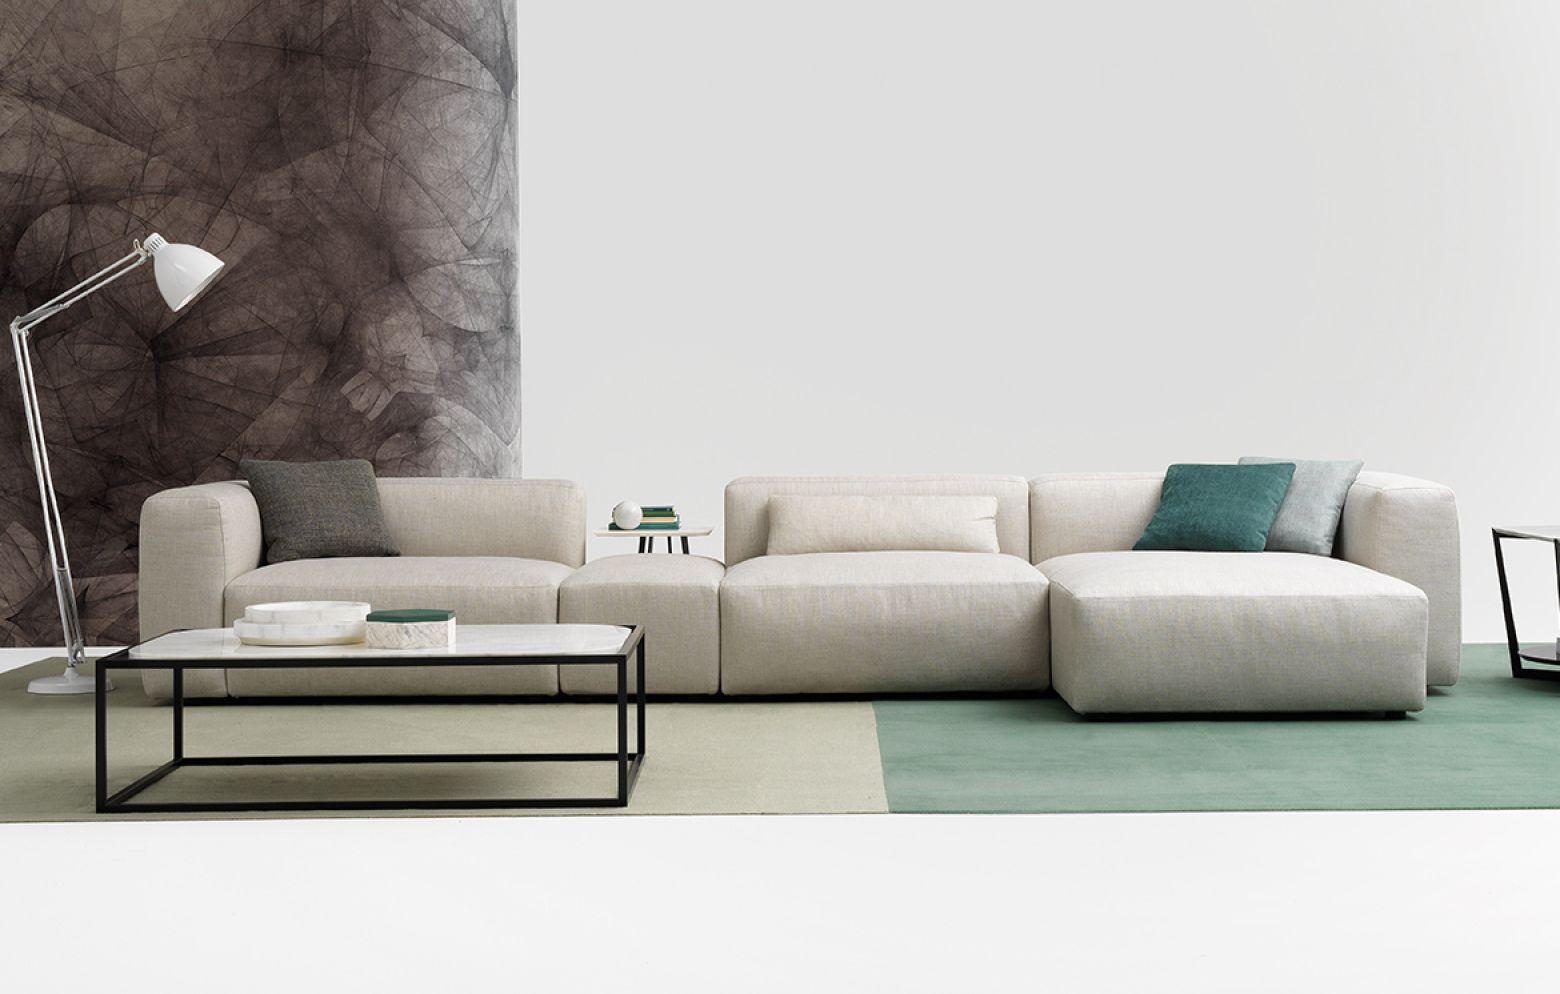 Full Size of Sofa Ohne Lehne Klare Luxus Mit Schlaffunktion Togo Home Affaire Big Graues Ikea Blau überwurf Polsterreiniger Grau Stoff Stilecht Franz Fertig Weiches Wk Sofa Sofa Ohne Lehne